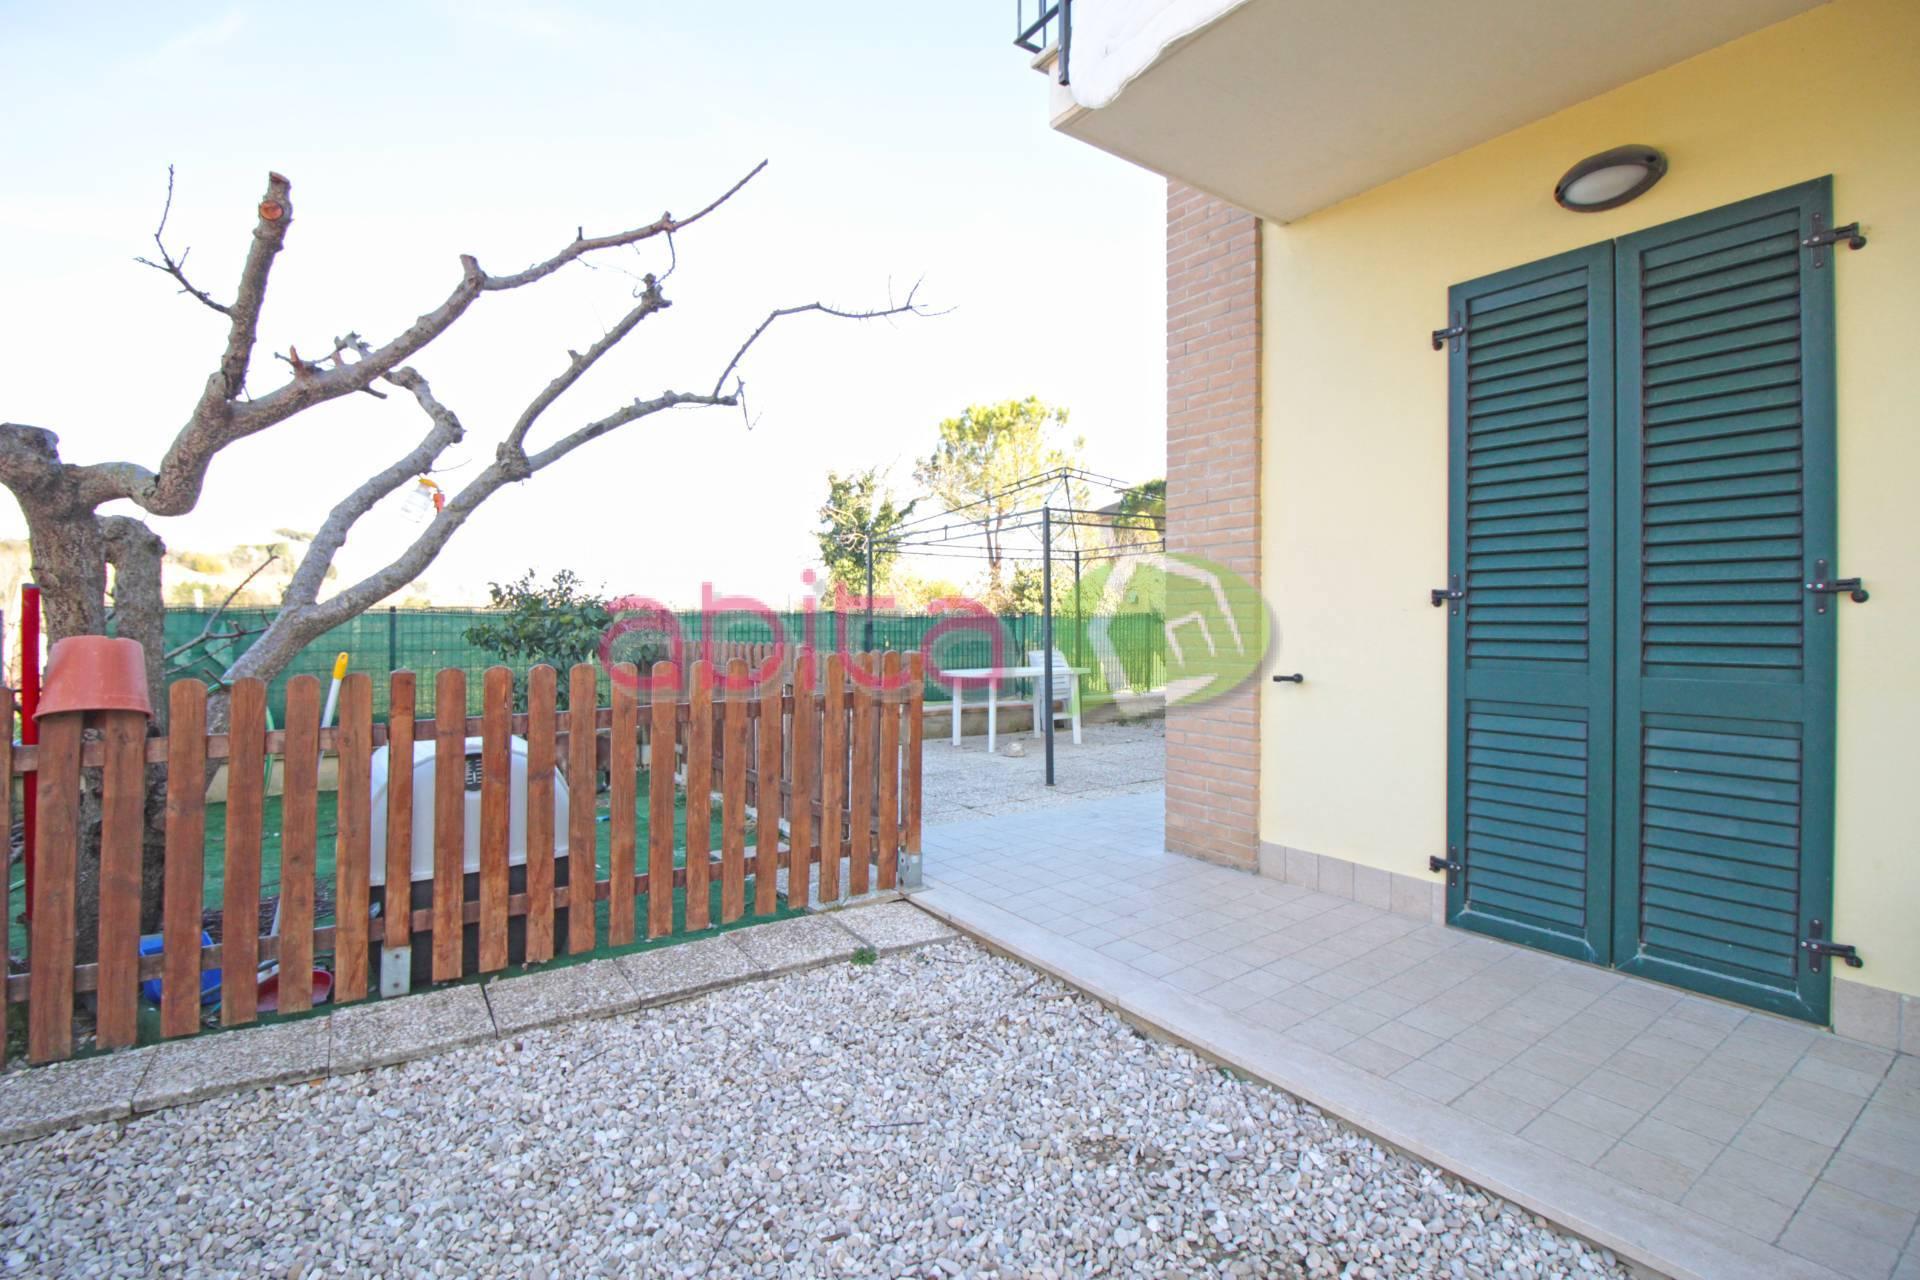 Appartamento in vendita a Spinetoli, 3 locali, zona Località: SanPioX, prezzo € 98.000 | CambioCasa.it